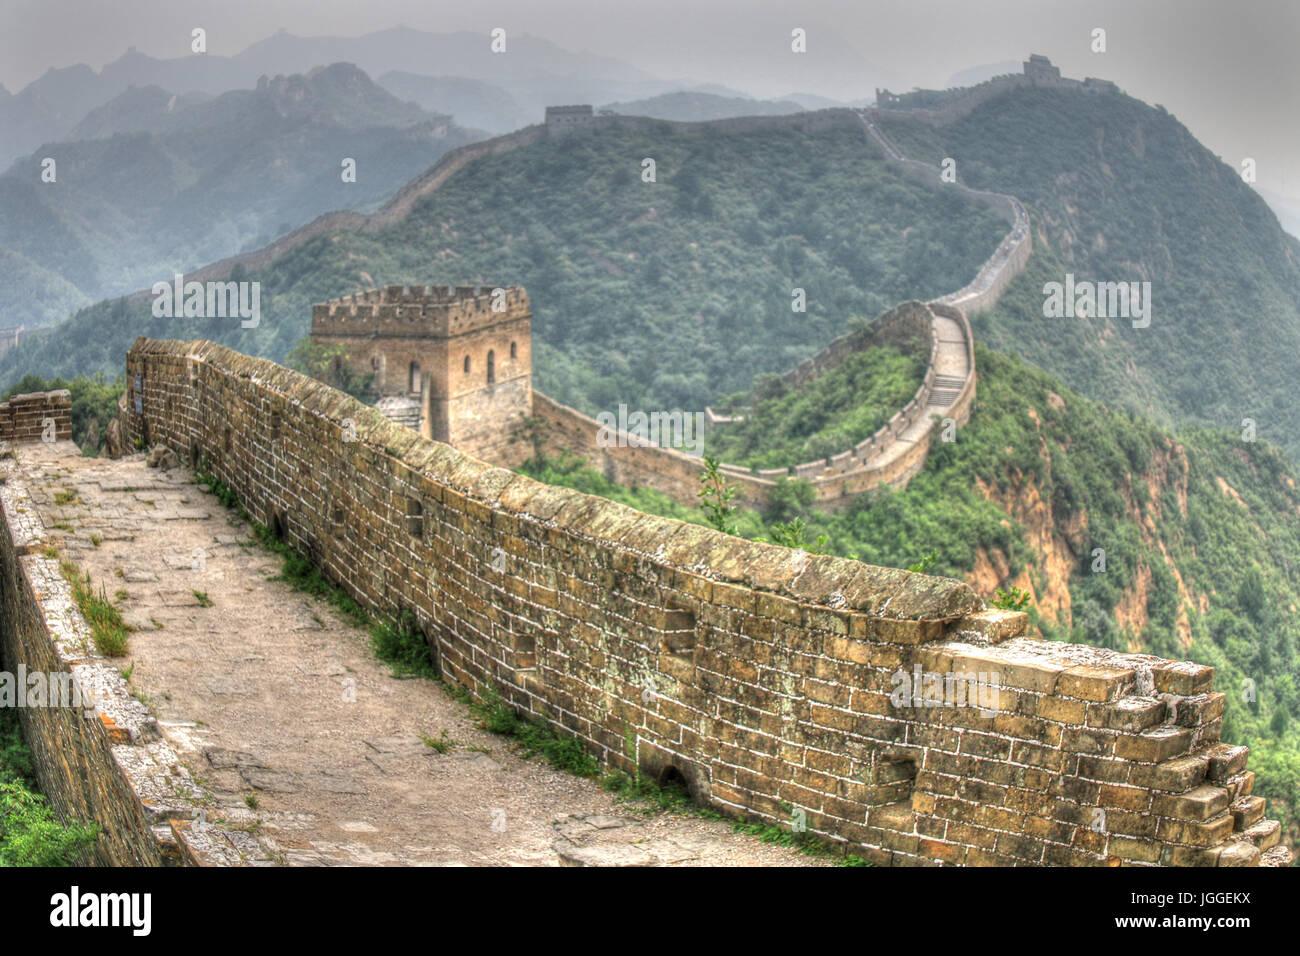 Great Wall Of China Jinshanling Stockbild